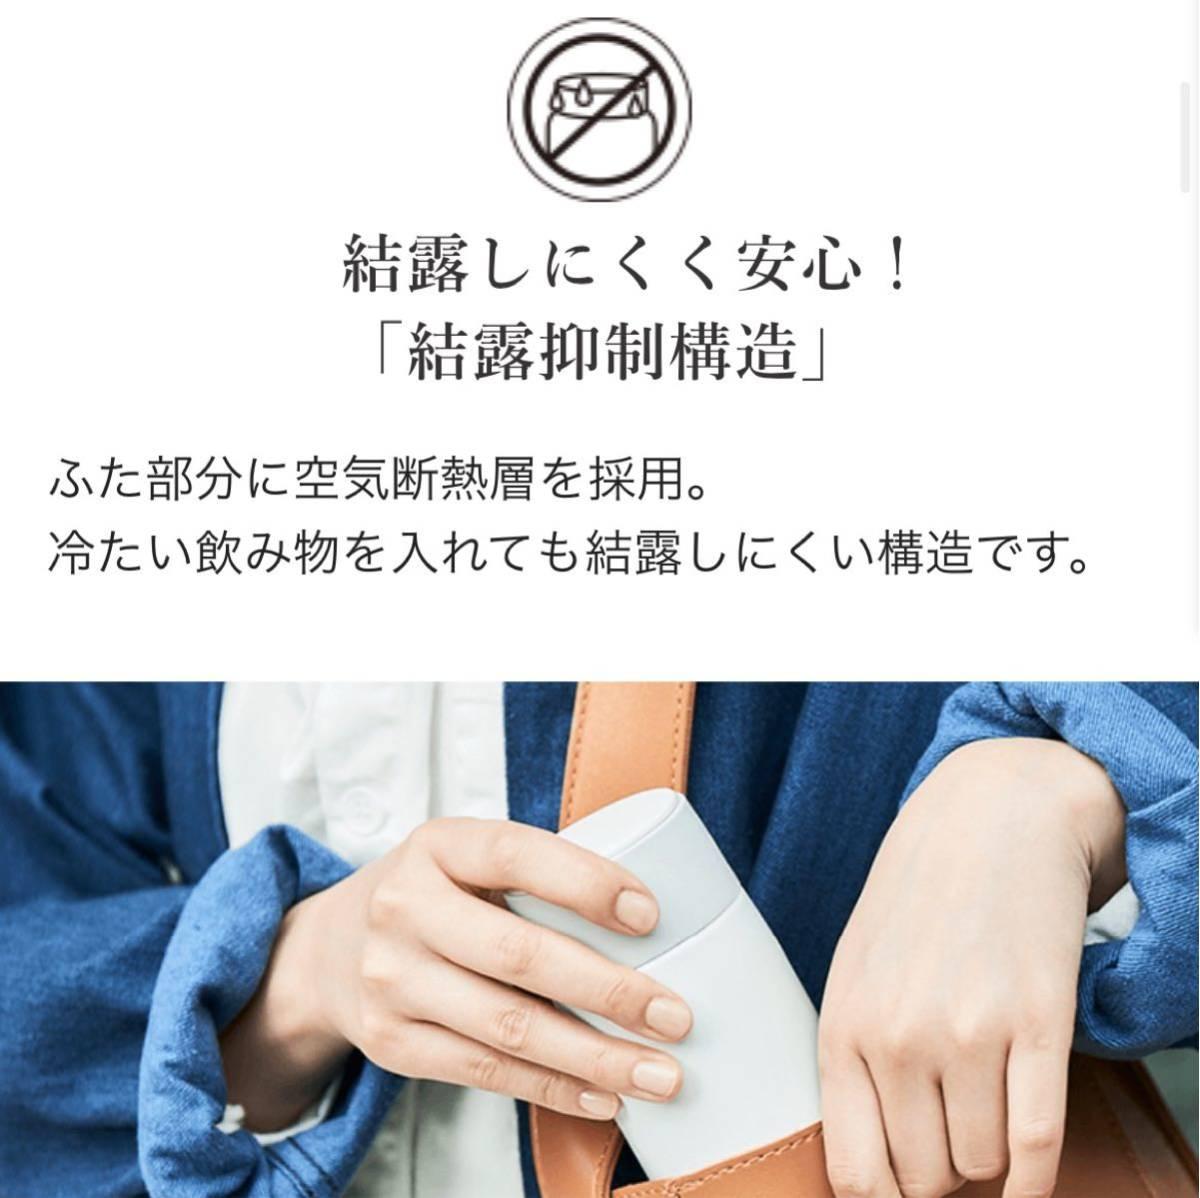 象印 ZOJIRUSHI ステンレスボトル 魔法瓶 水筒 360ml 白 新品 ZOJIRUSHI ステンレスマグ